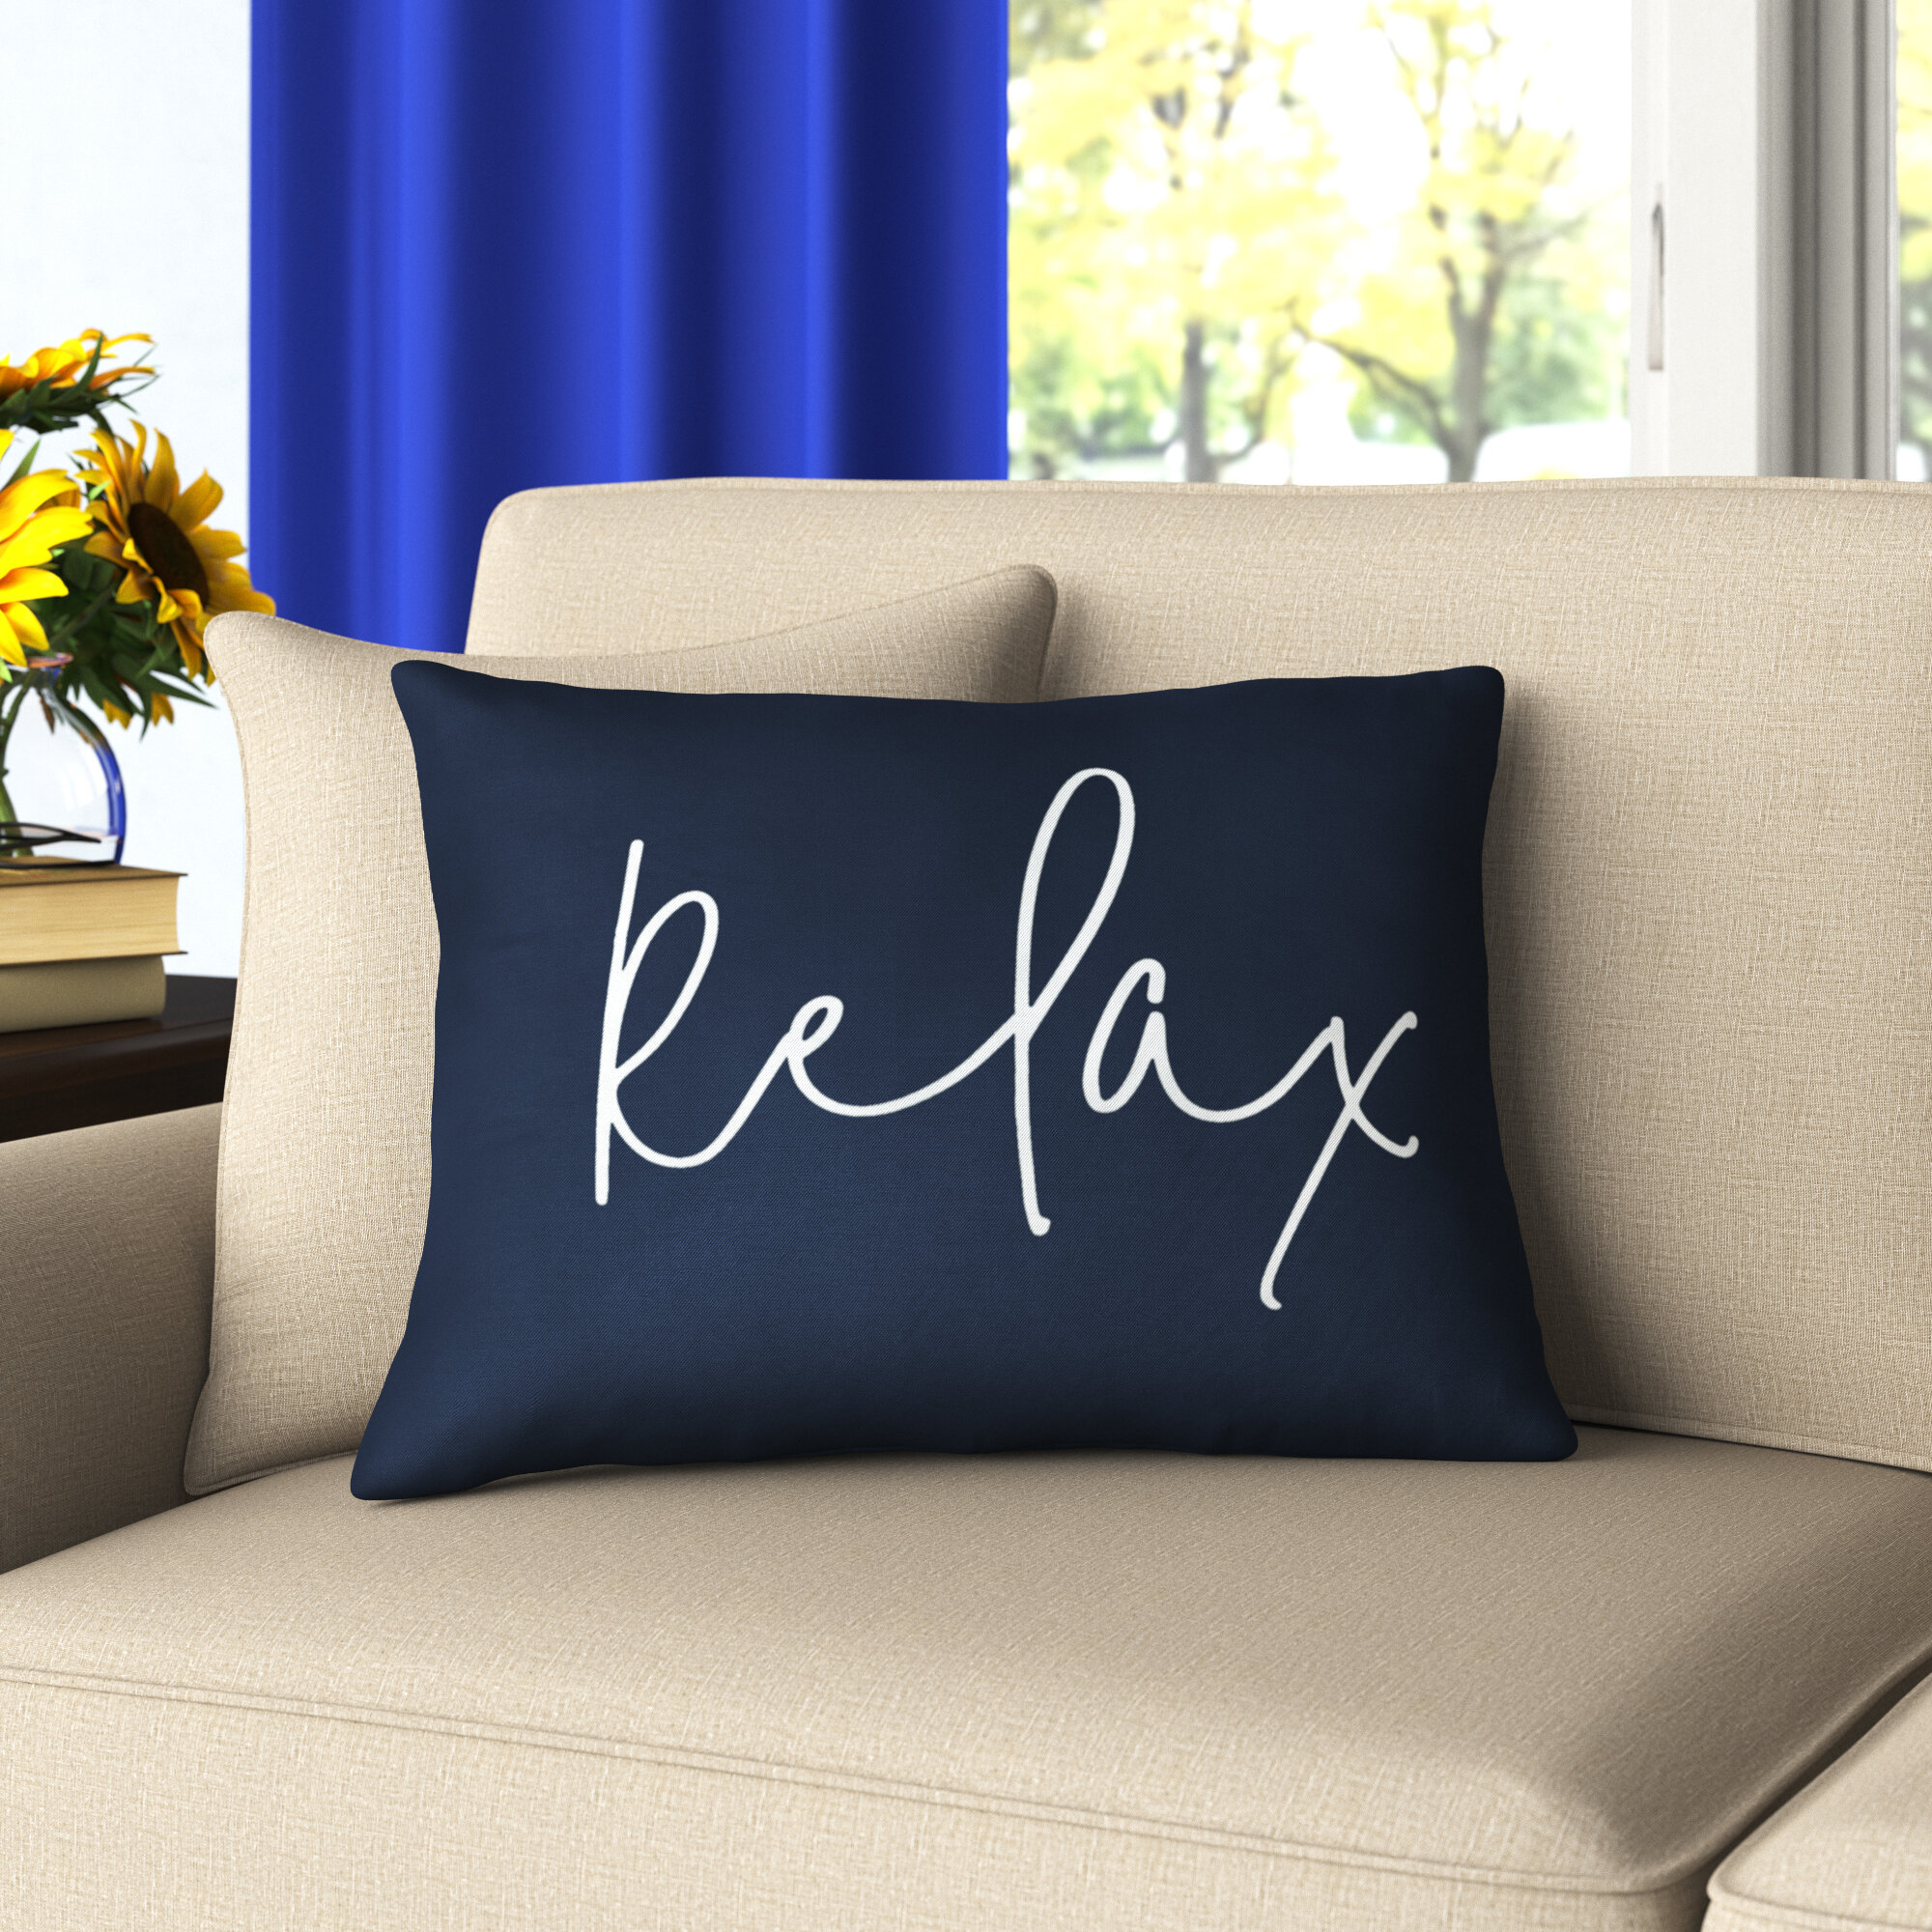 Relax Print Cushion Cover Quote Print Cushion Cover Cute Cushion Cover